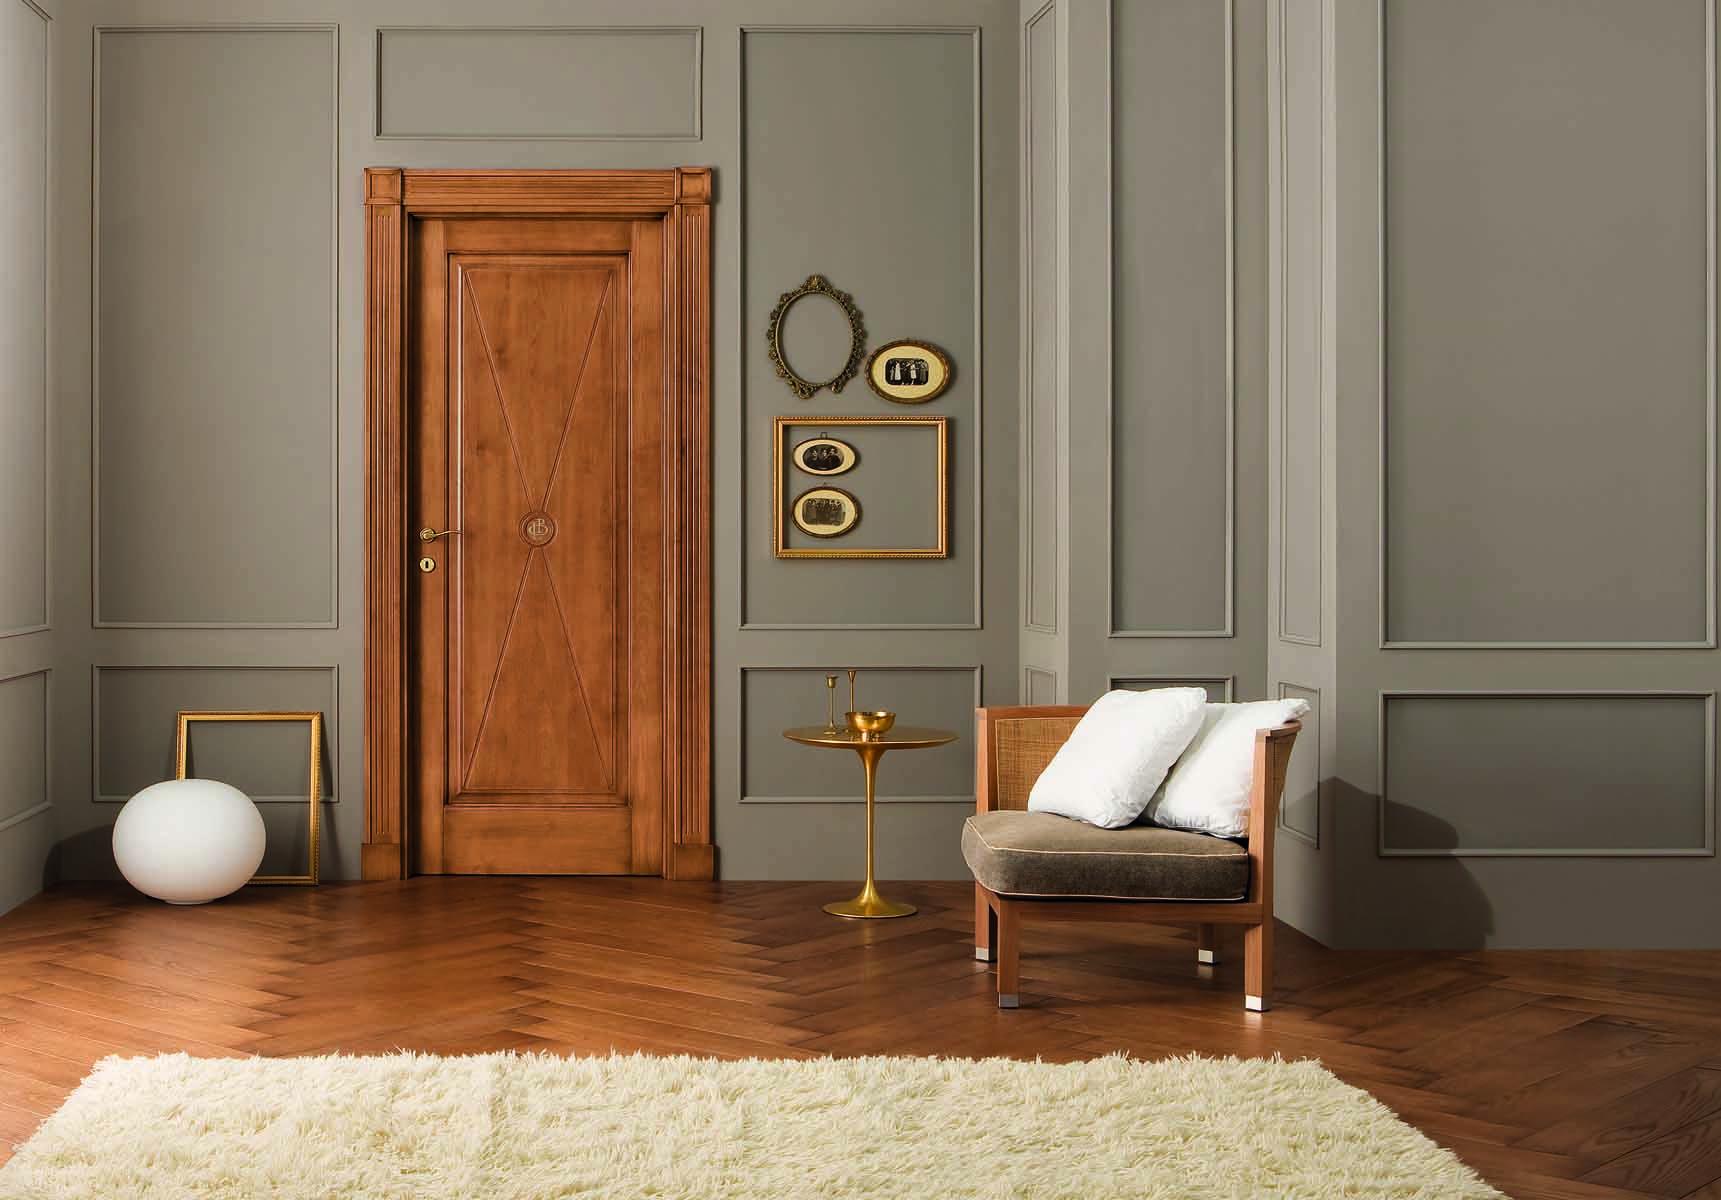 Marcas de puertas y armarios gunni trentino - Puertas de madera de interior ...